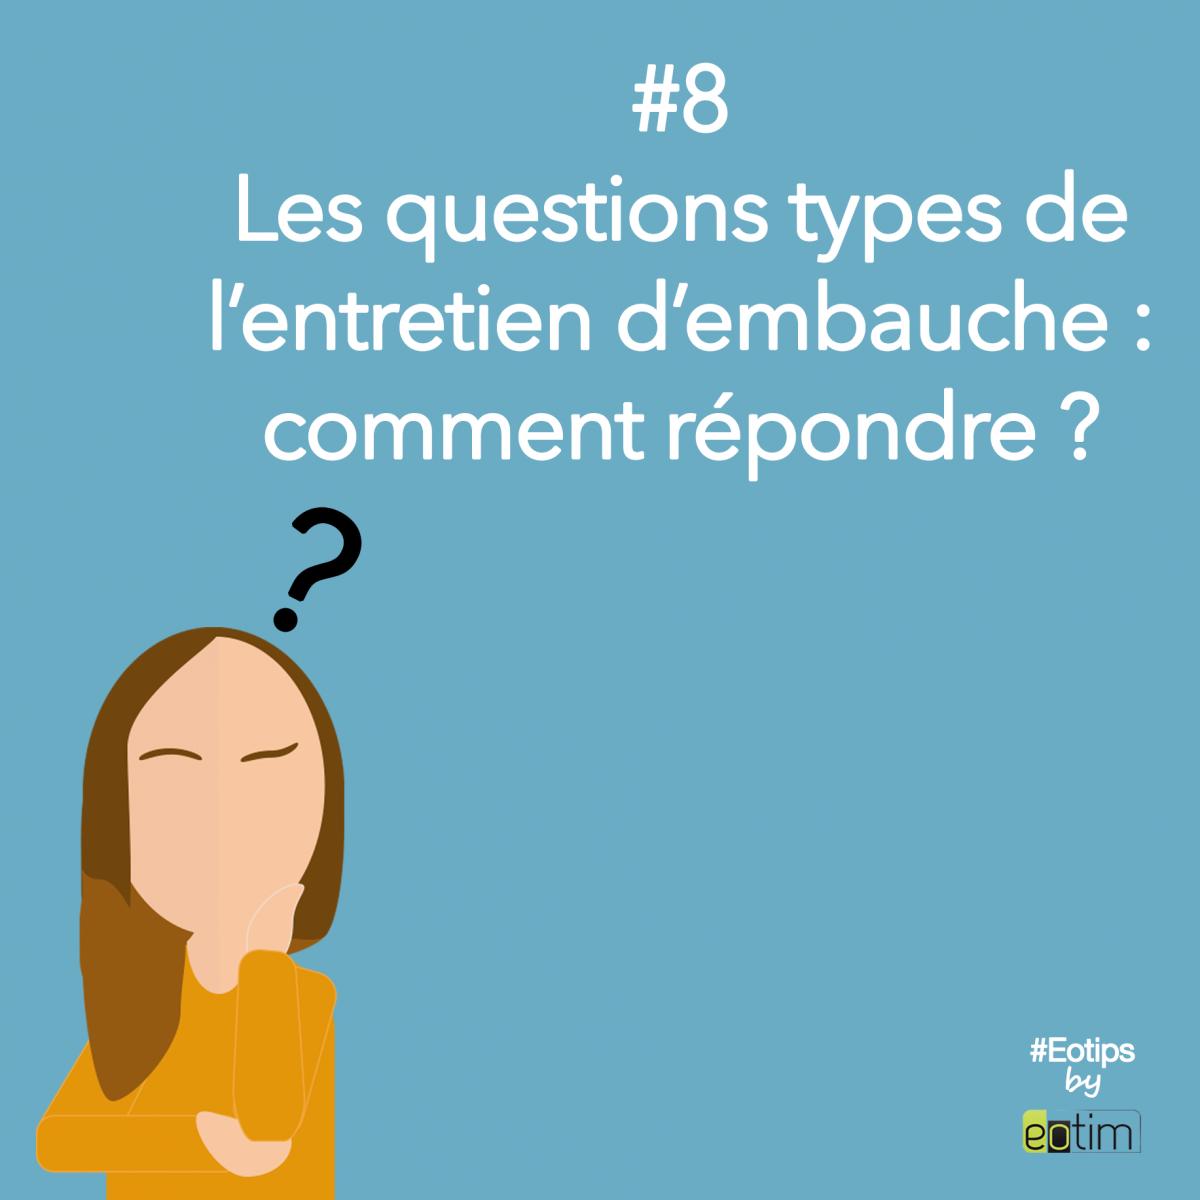 Eotips #8 : Les questions types de l'entretien d'embauche : comment répondre ?